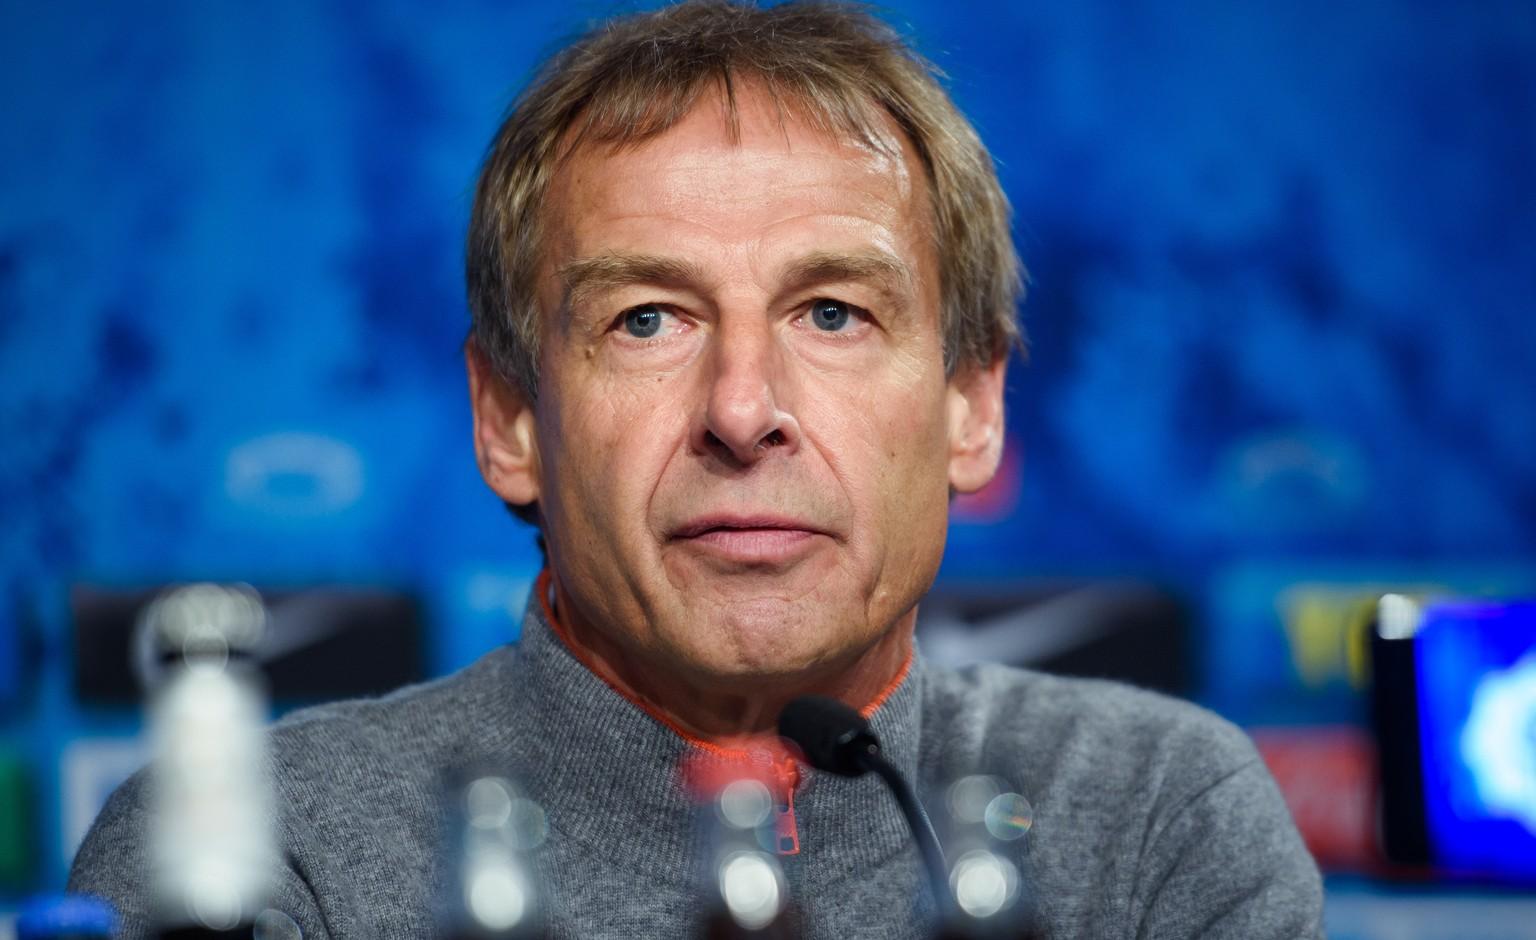 Geheimpapier: Klinsmann rechnet mit Hertha und Preetz ab